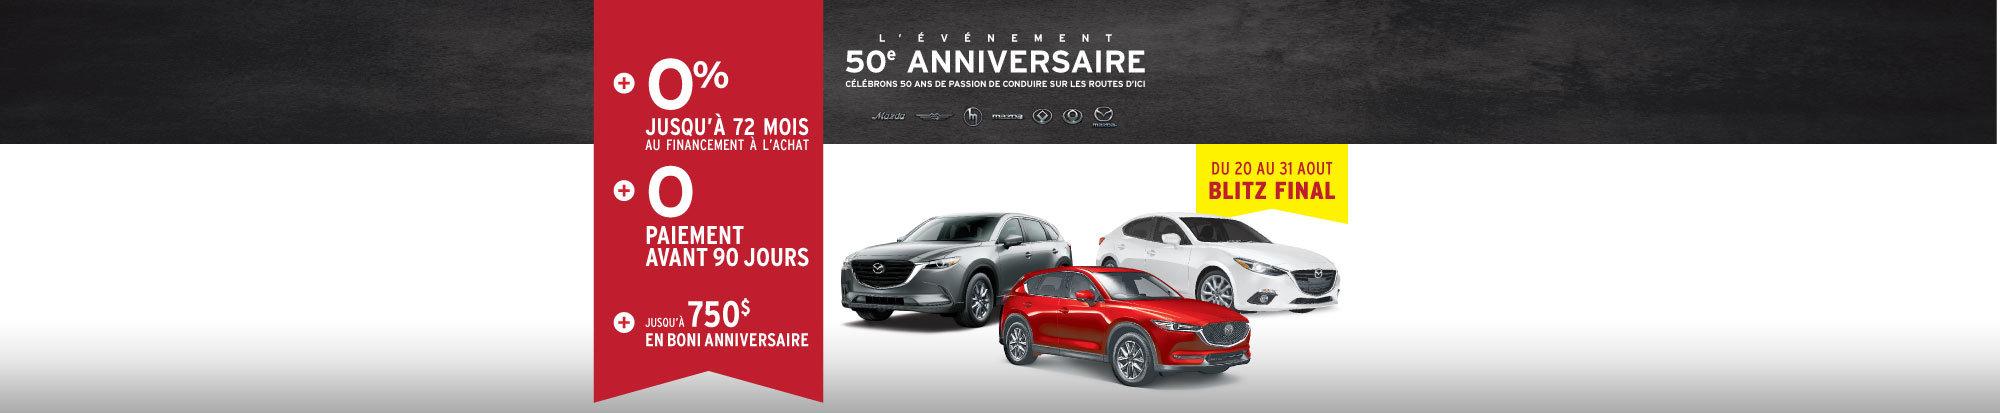 L'événement 50e anniversaire Mazda - BLITZ FINAL web